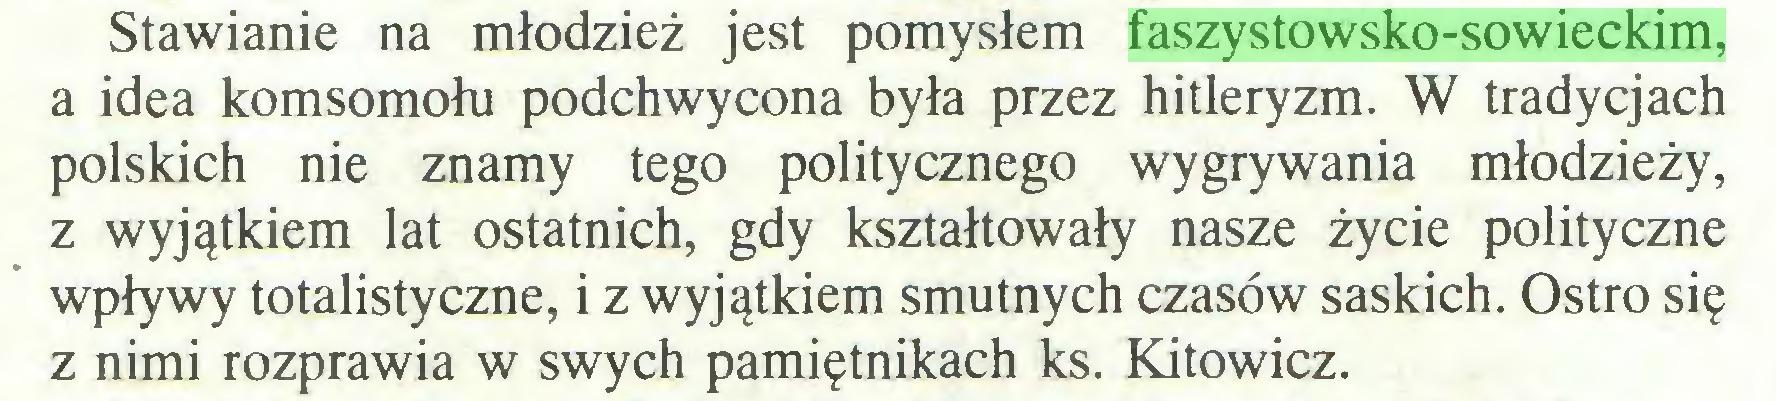 (...) Stawianie na młodzież jest pomysłem faszystowsko-sowieckim, a idea komsomołu podchwycona była przez hitleryzm. W tradycjach polskich nie znamy tego politycznego wygrywania młodzieży, z wyjątkiem lat ostatnich, gdy kształtowały nasze życie polityczne wpływy totalistyczne, i z wyjątkiem smutnych czasów saskich. Ostro się z nimi rozprawia w swych pamiętnikach ks. Kitowicz...